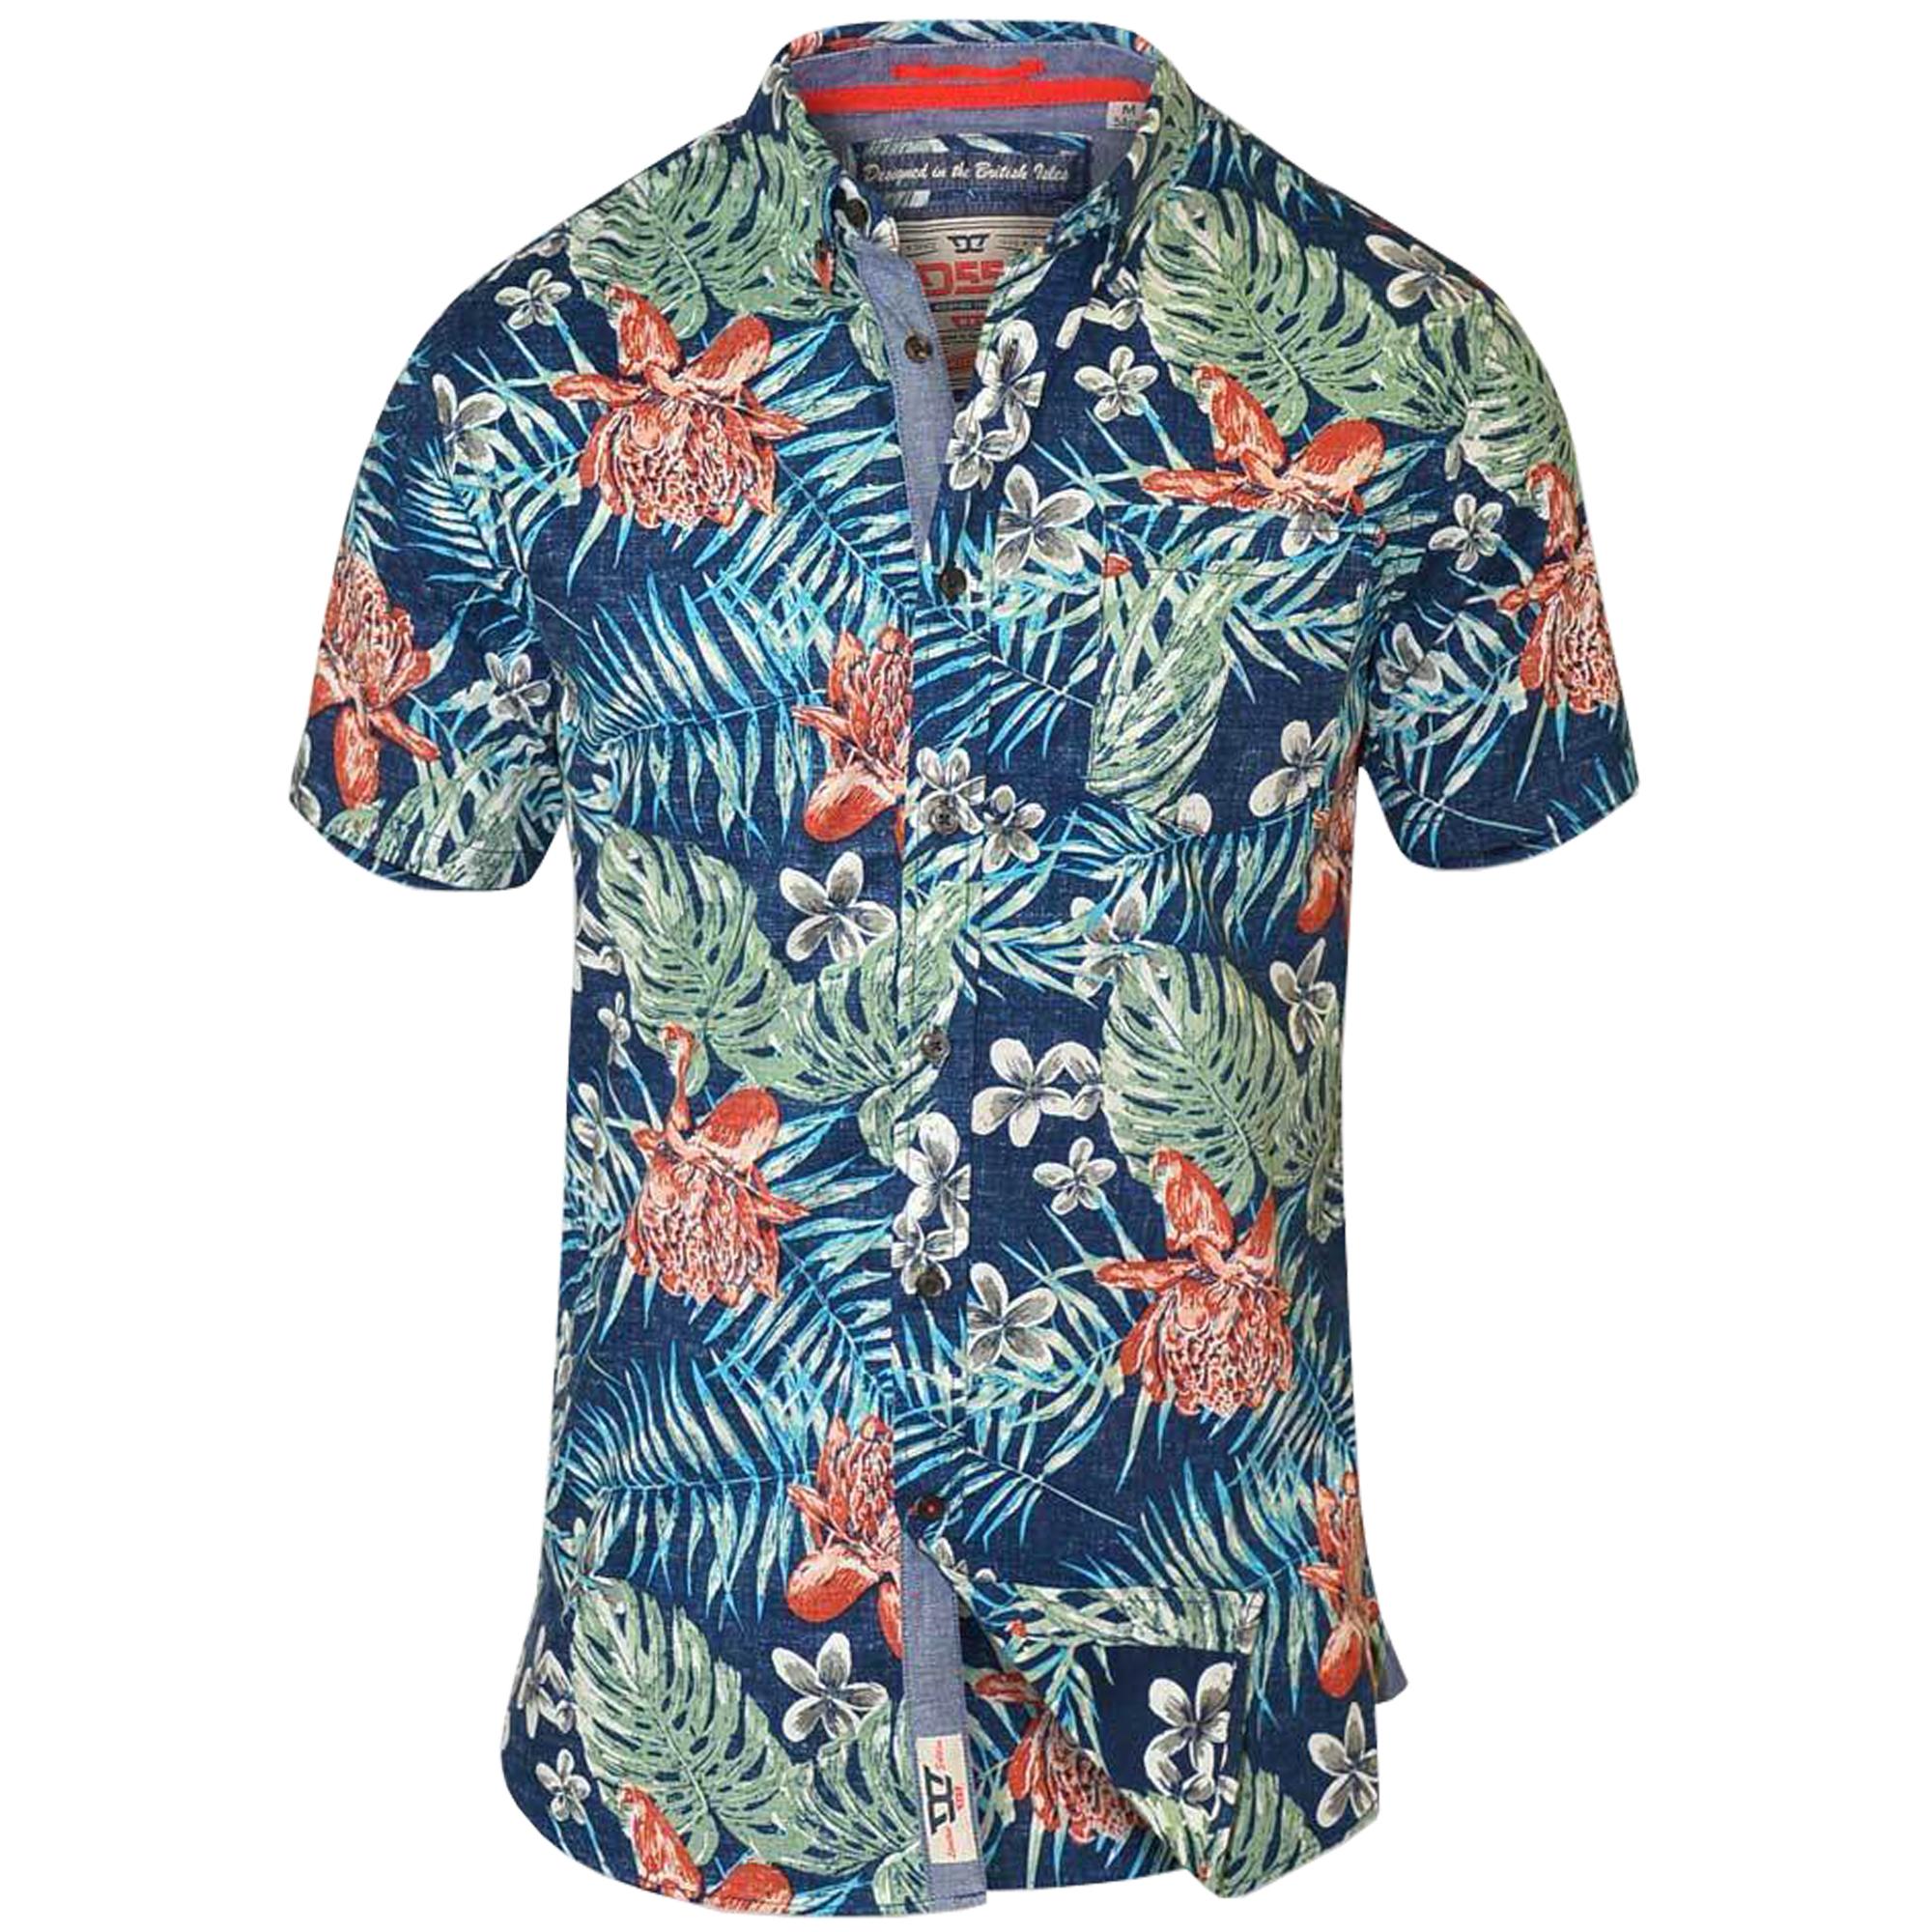 Mens-Hawaii-Shirt-D555-Duke-Short-Sleeved-Floral-